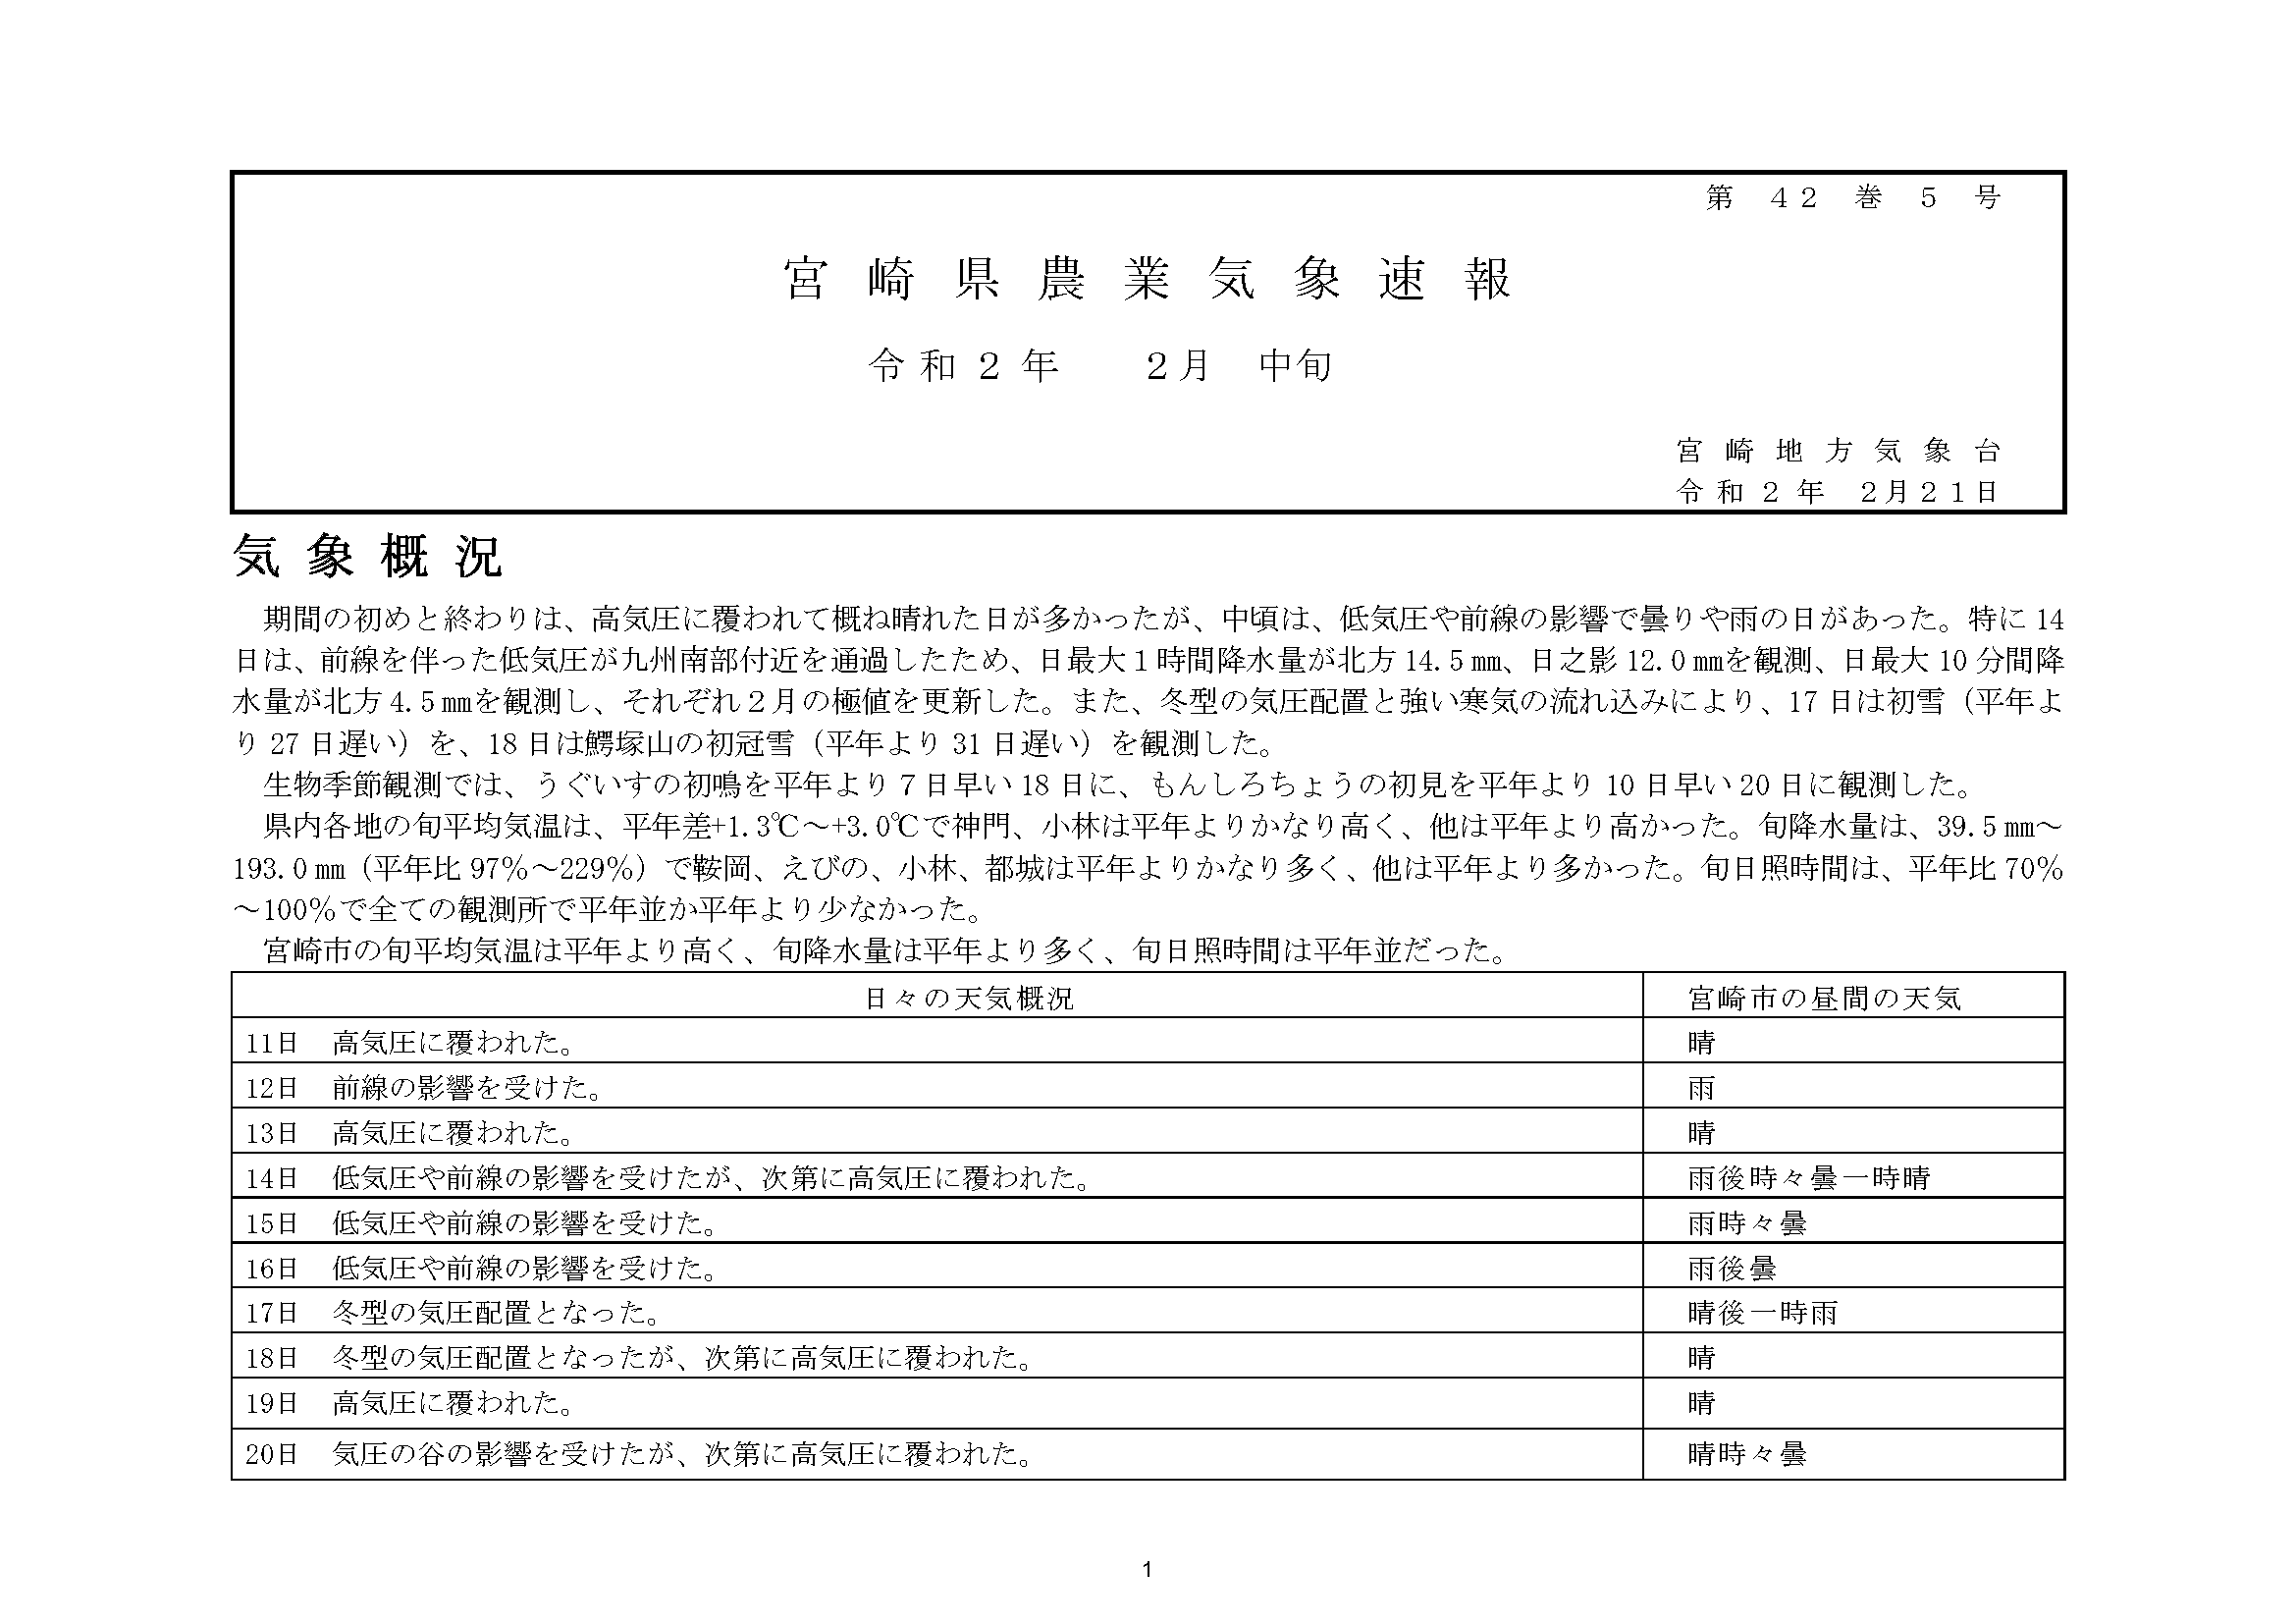 宮崎県農業気象速報令和2年2月中旬PDF